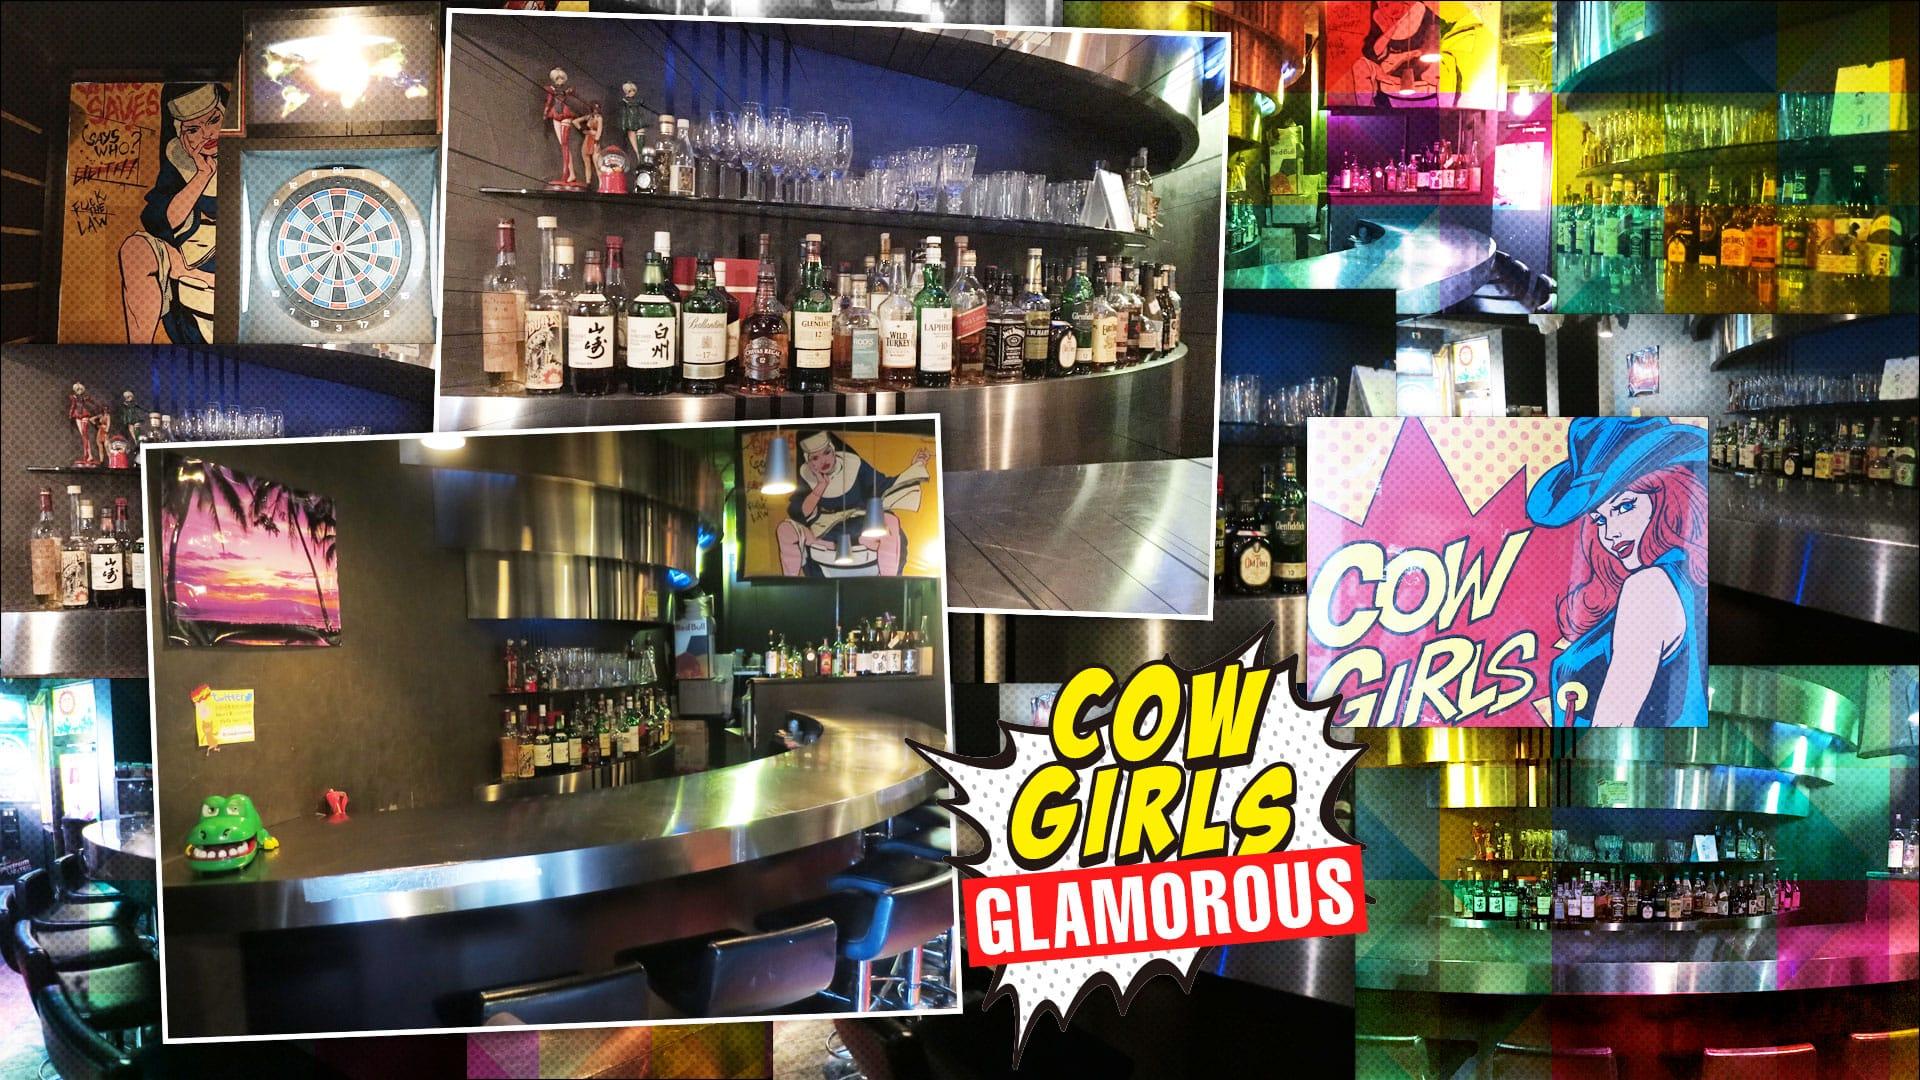 COWGIRLS GLAMOUROUS(カウガールズグラマラス) TOP画像